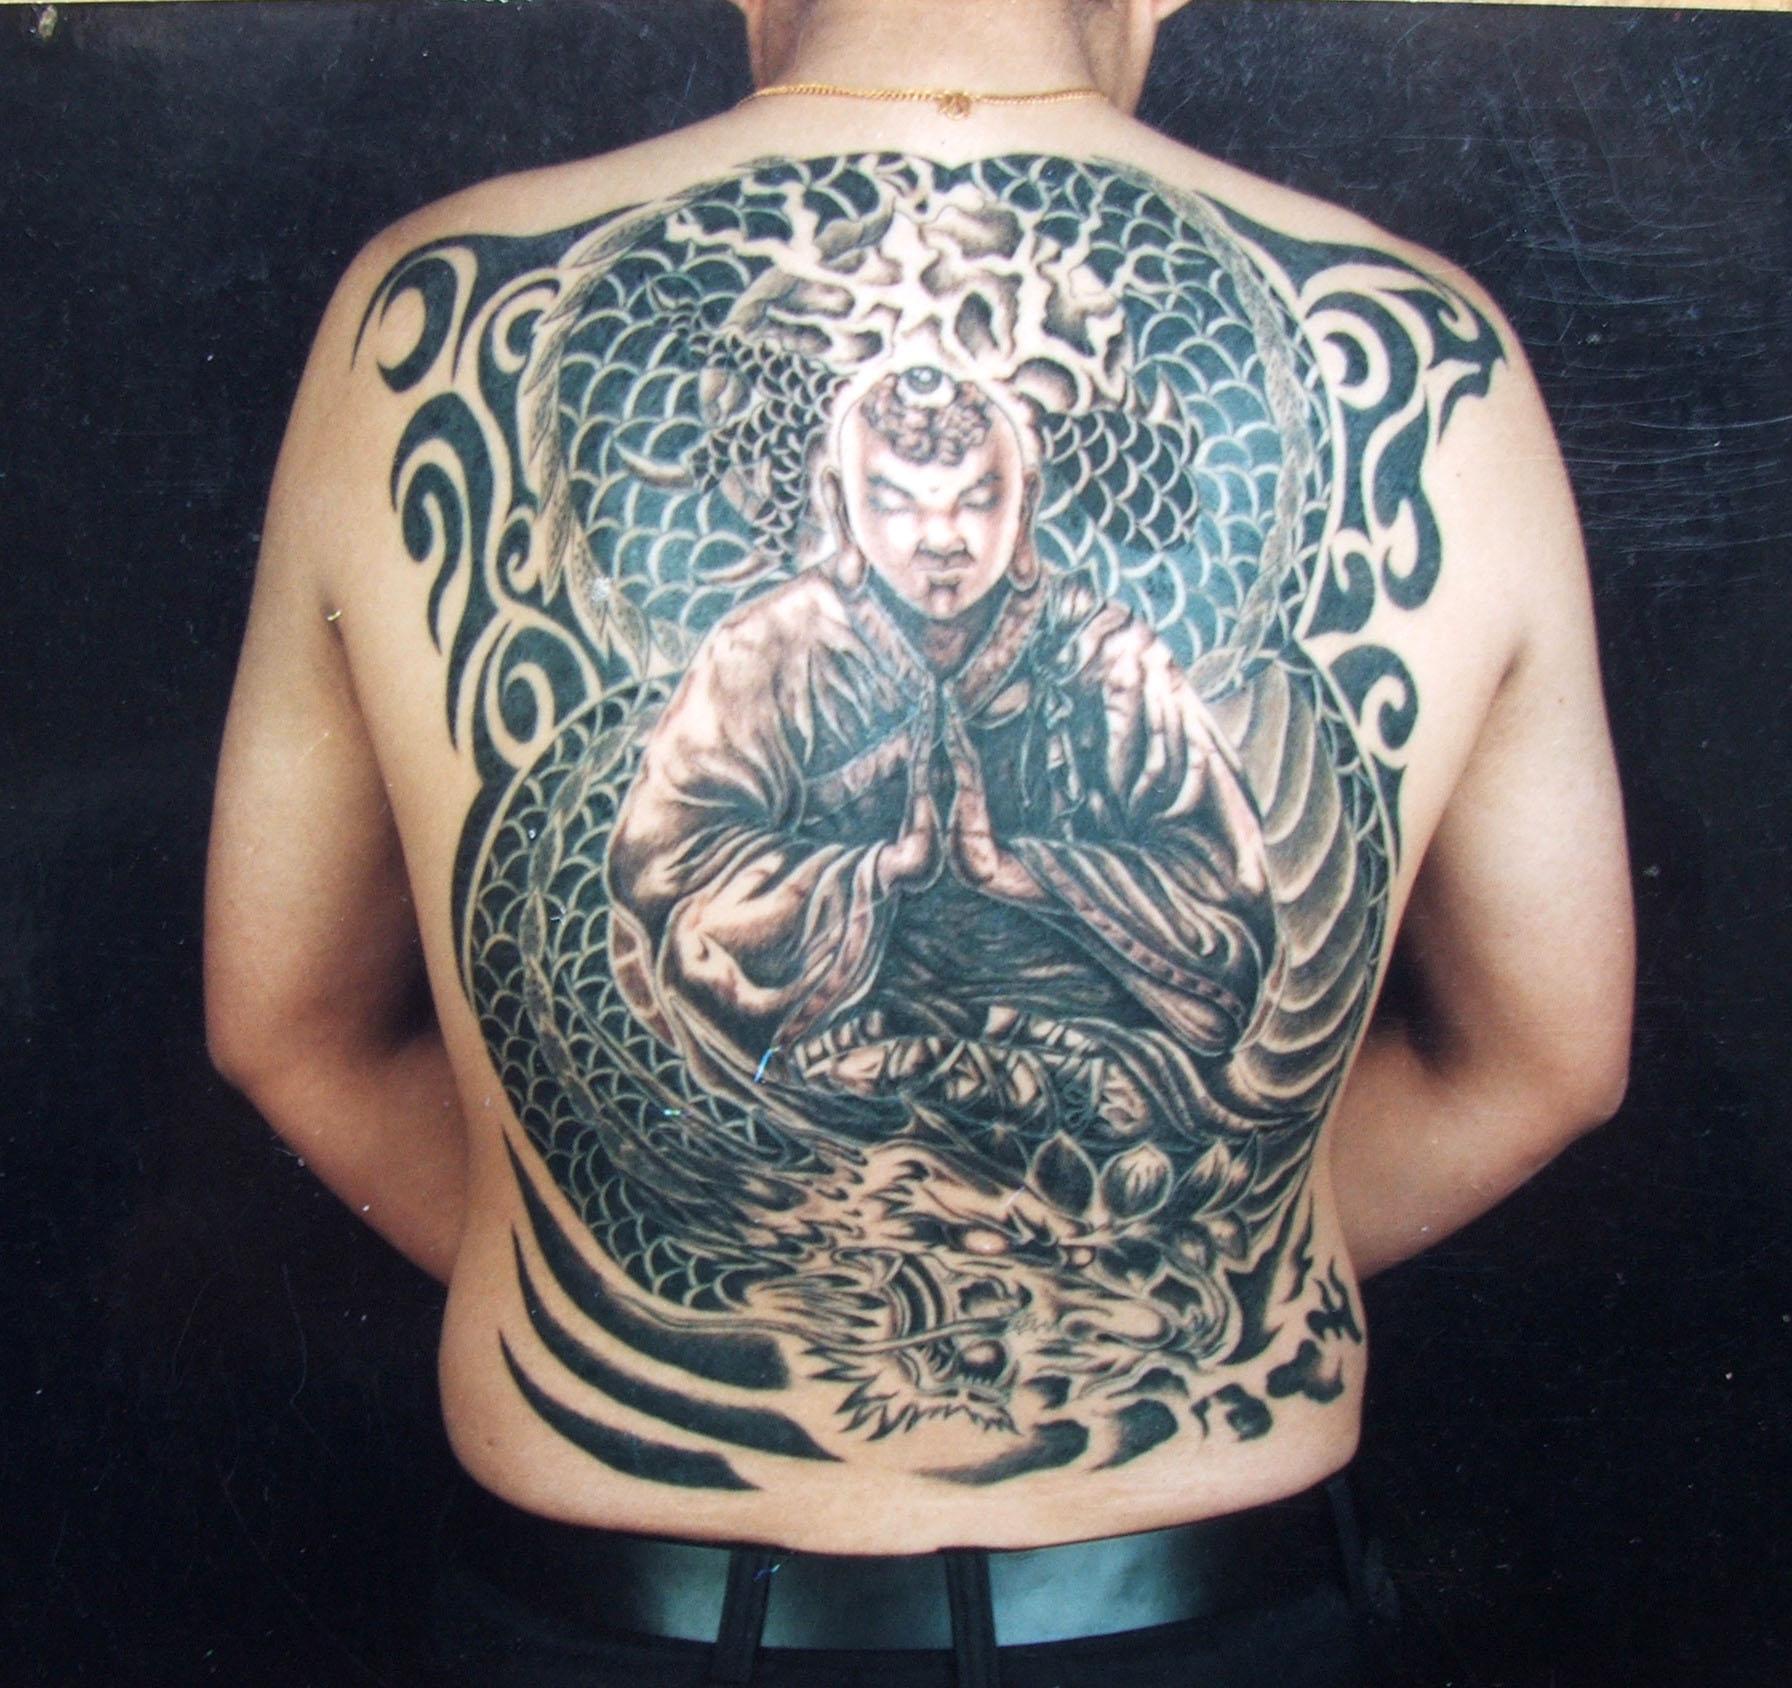 地藏王刺青 满背地藏菩萨刺青图片